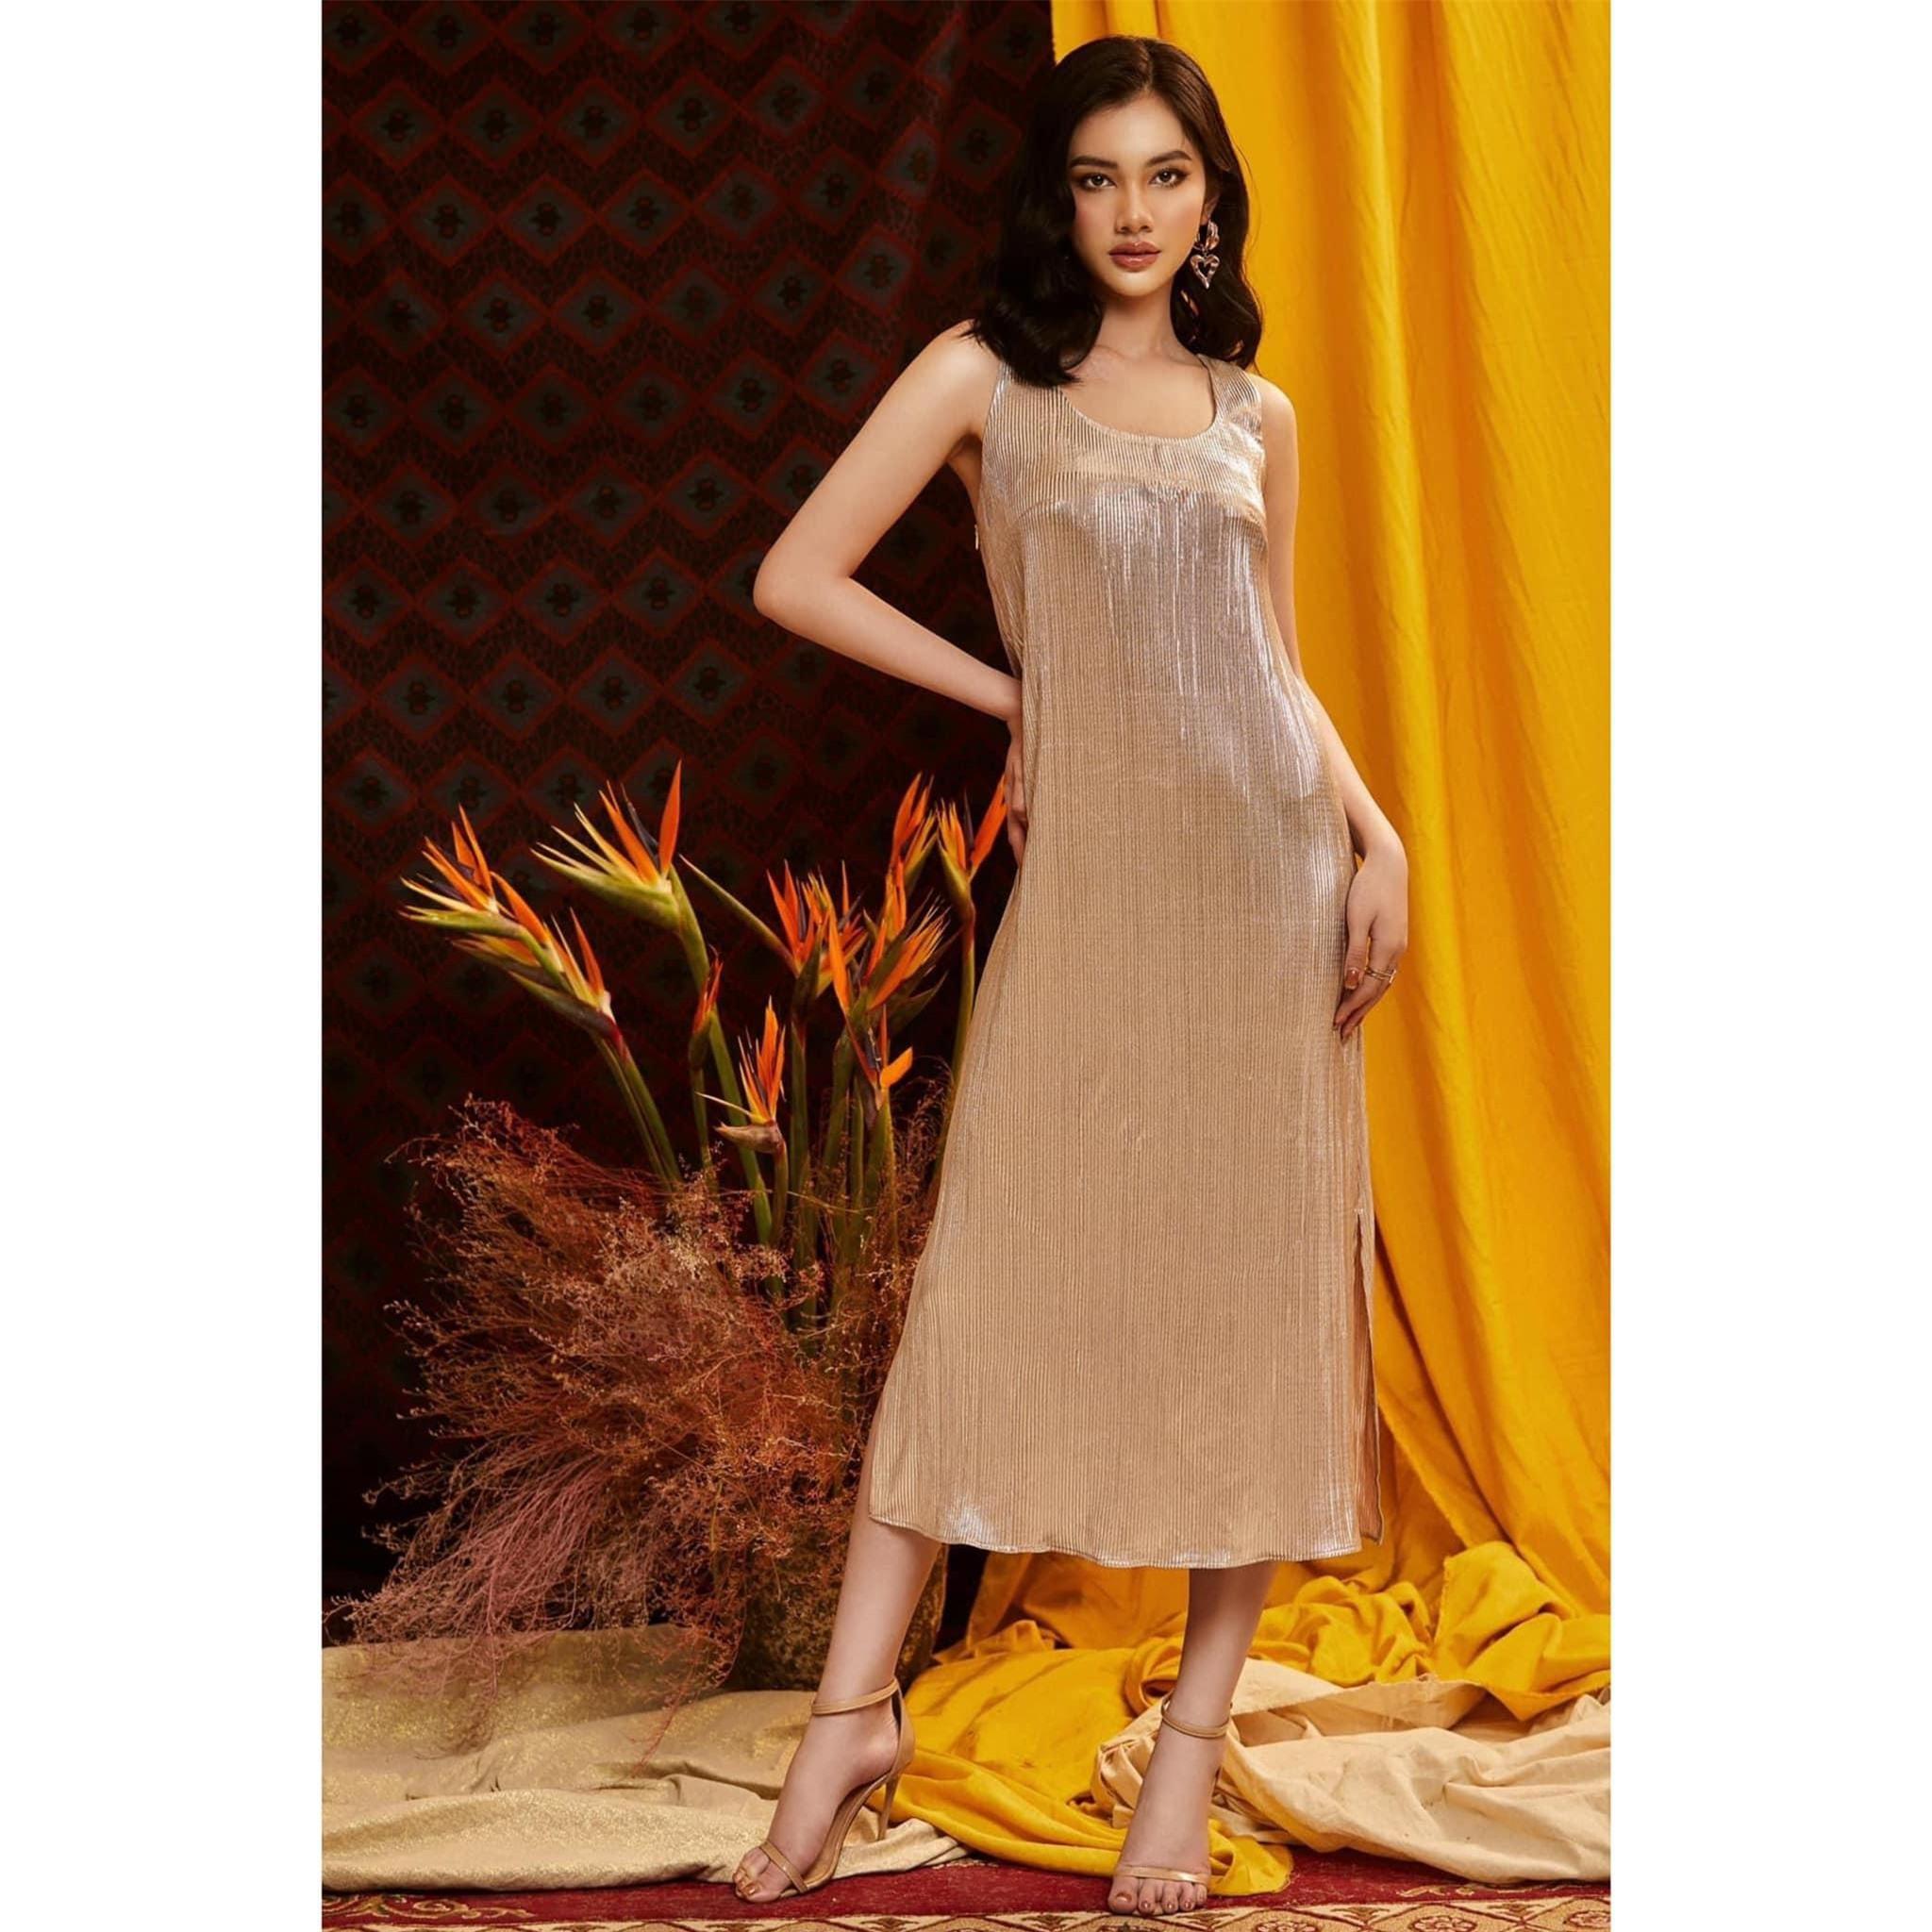 Người đẹp Cẩm Đan diện váy cắt xẻ lạ mắt khoe trọn đường cong nóng bỏng ảnh 7